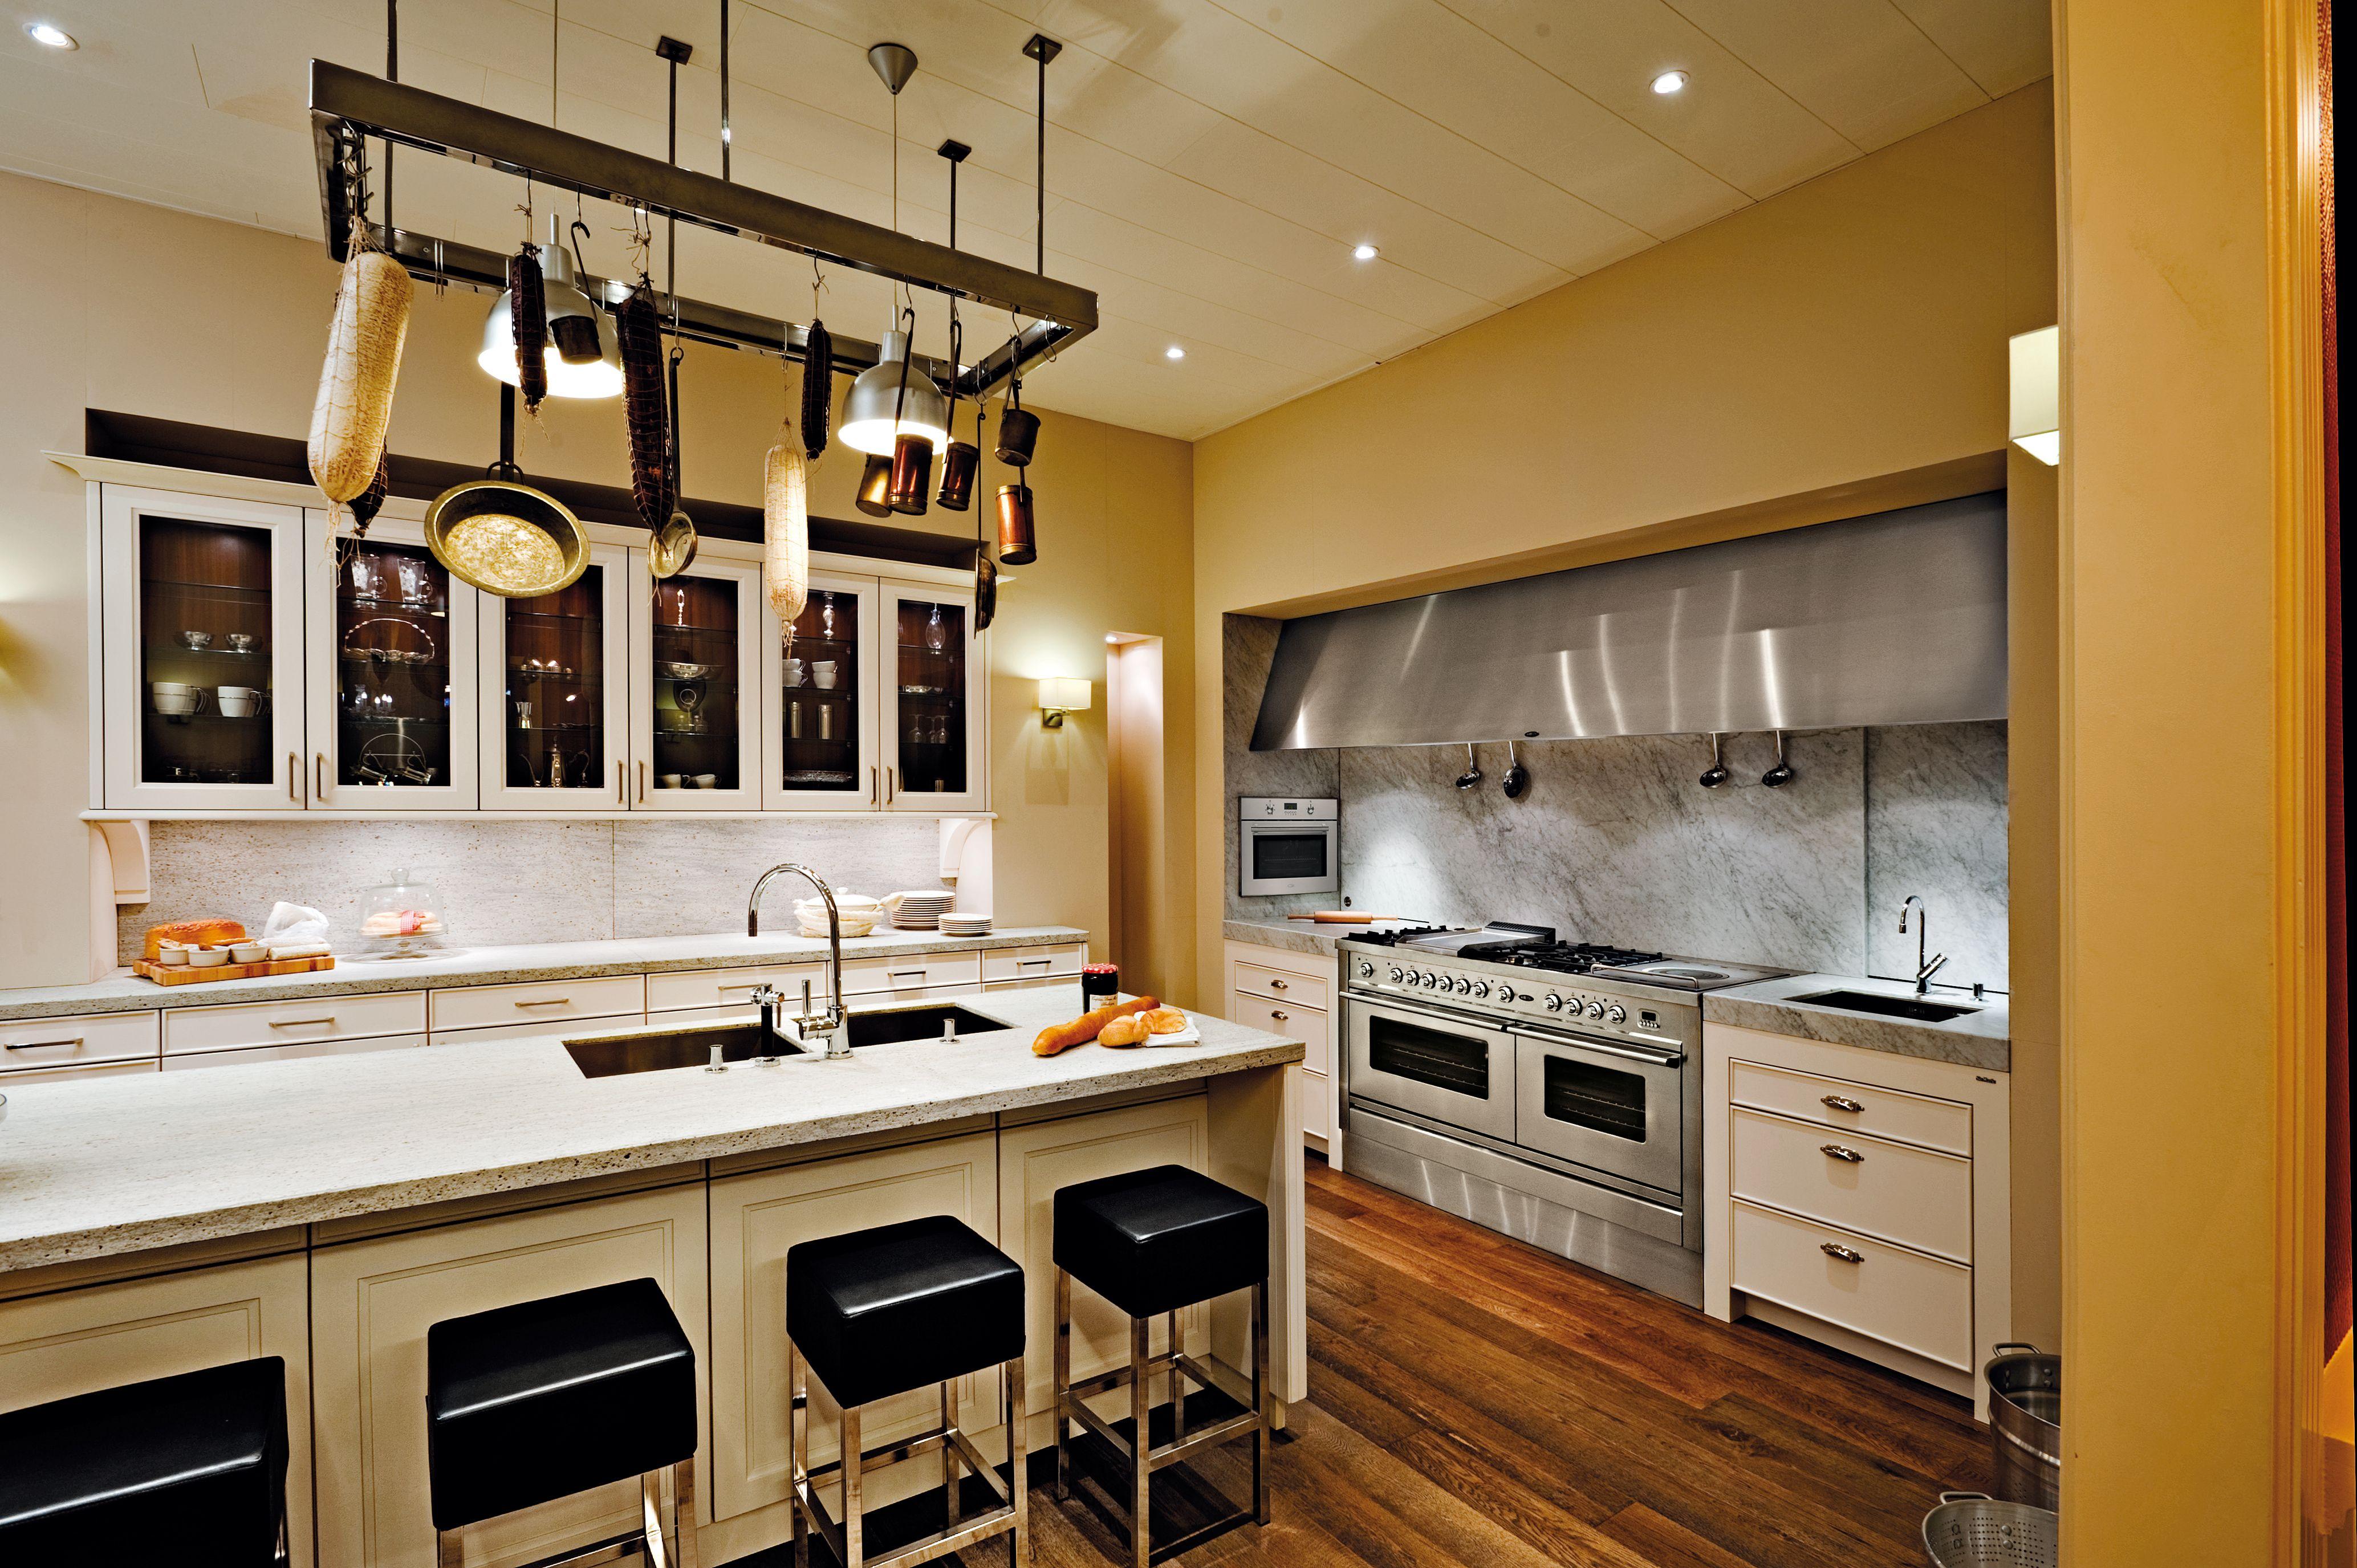 Modern interieur fornuis modern keuken met stalen taatsdeur leuk